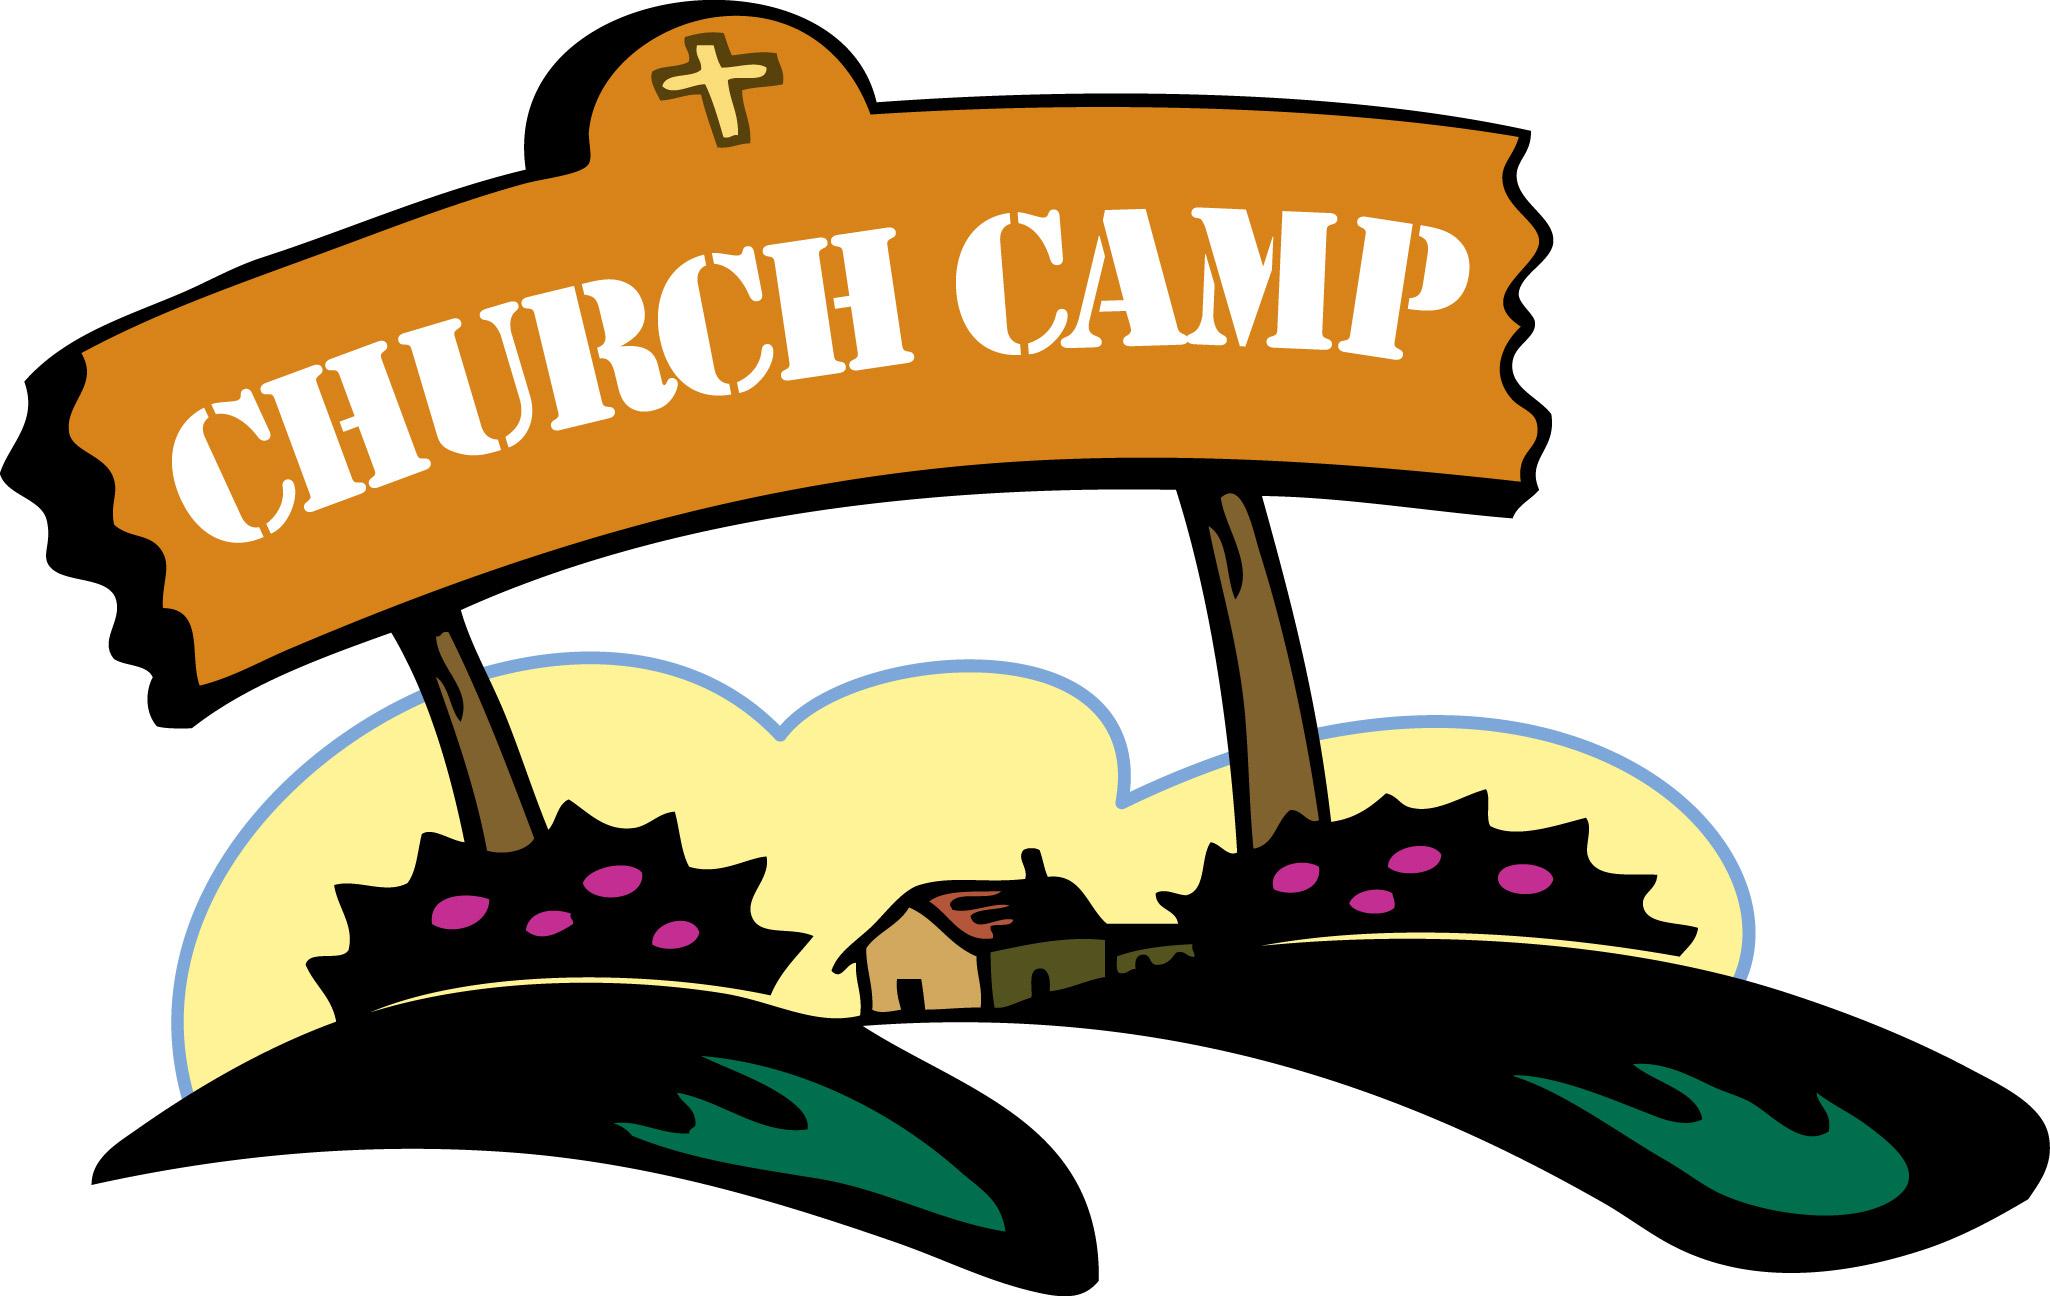 Camp clipart church.